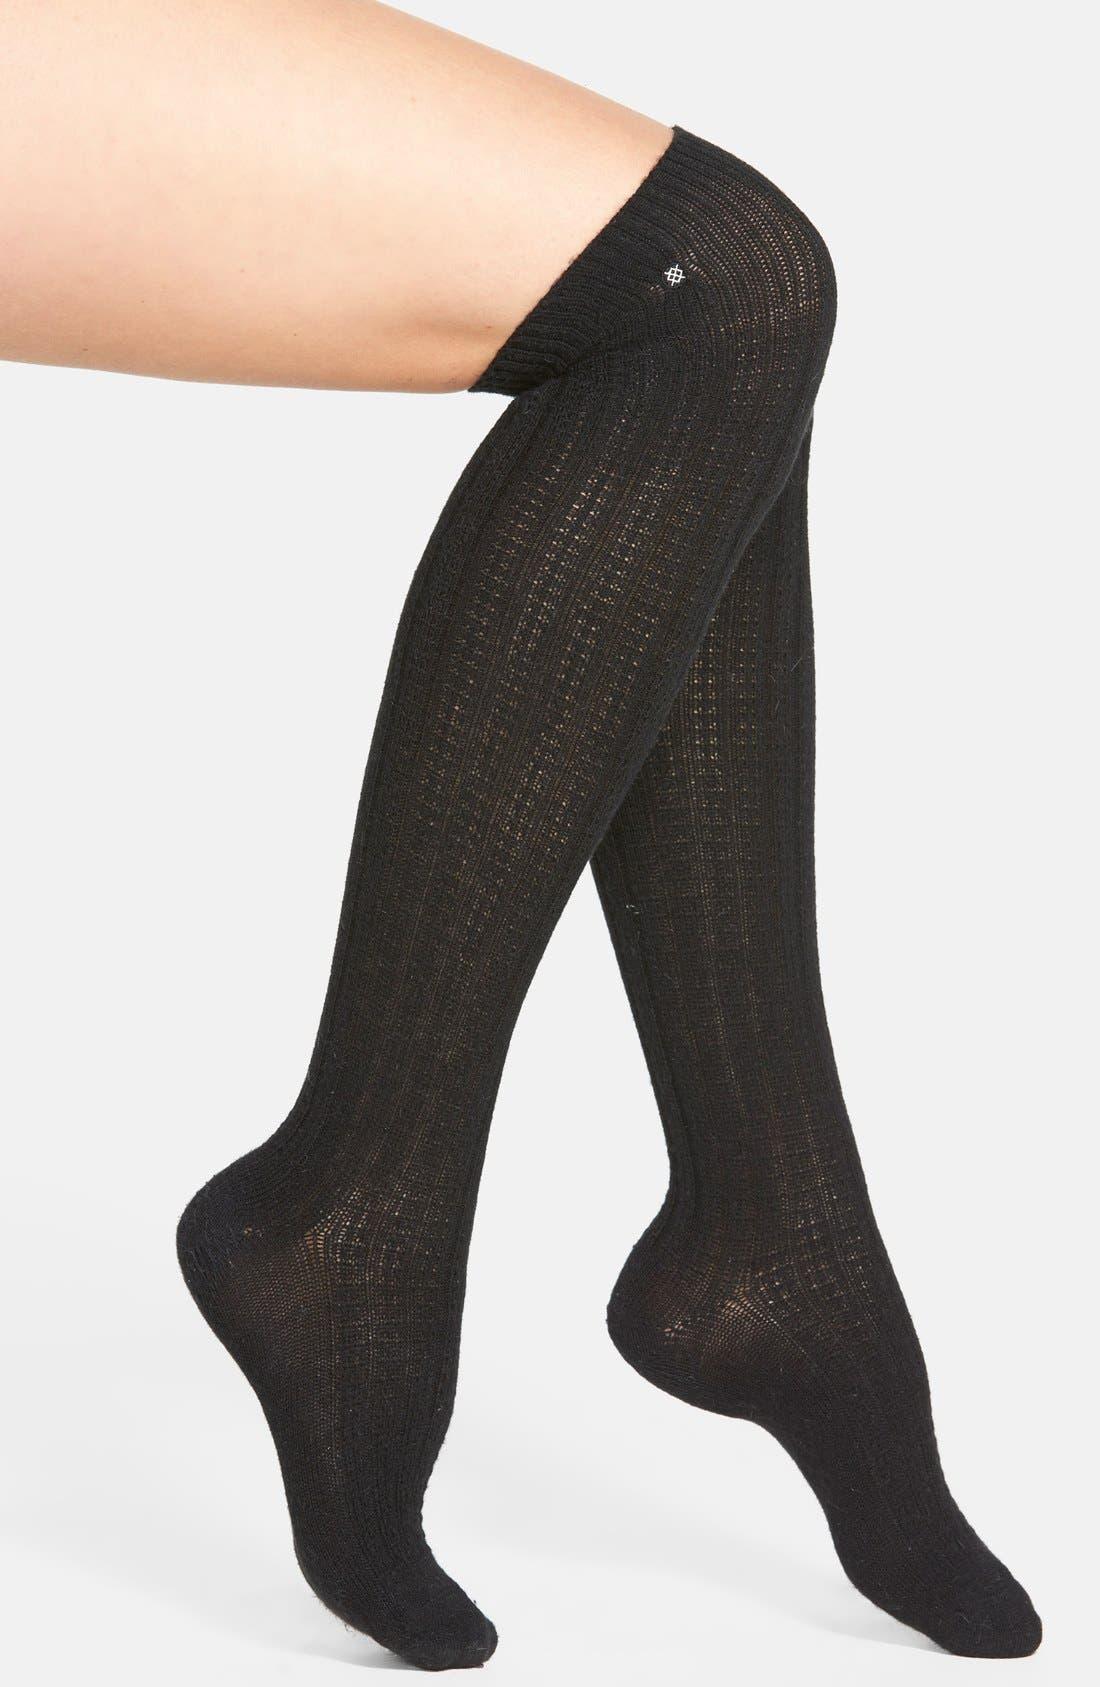 Main Image - Stance 'SoHo' Over the Knee Socks